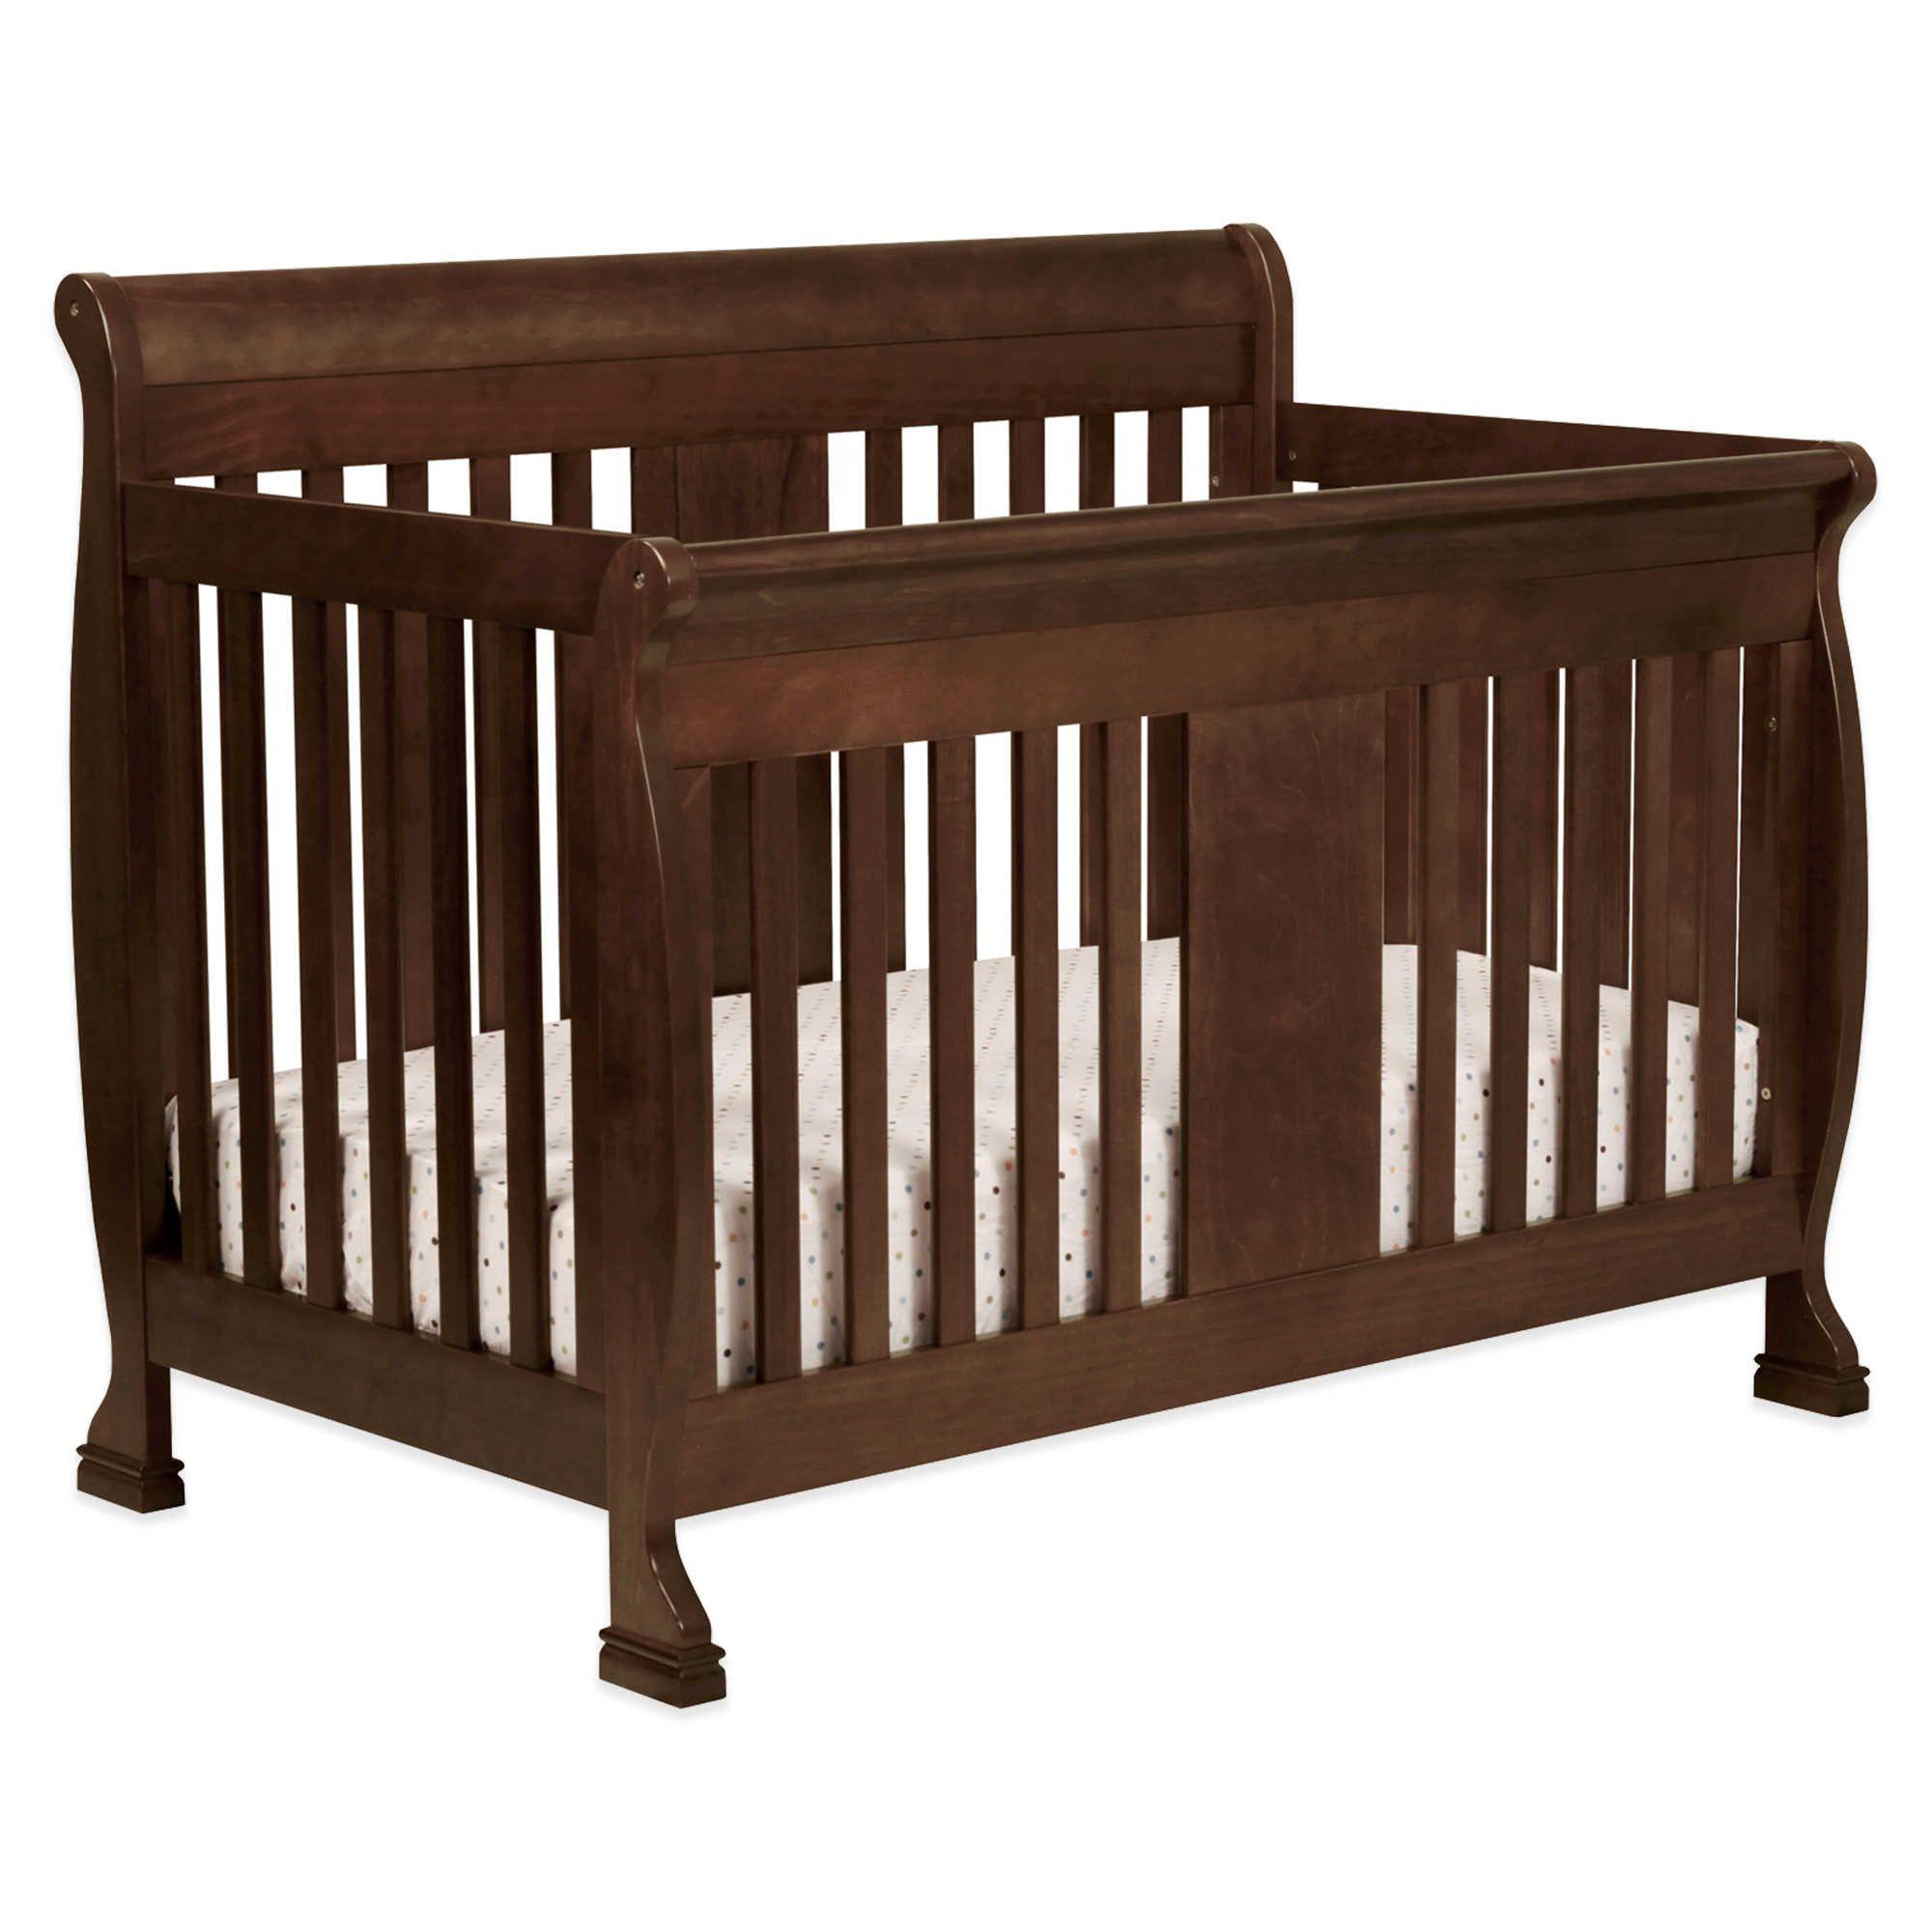 Davinci Porter 4 In 1 Convertible Crib In Espresso Convertible Crib Convertible Crib Espresso Cribs